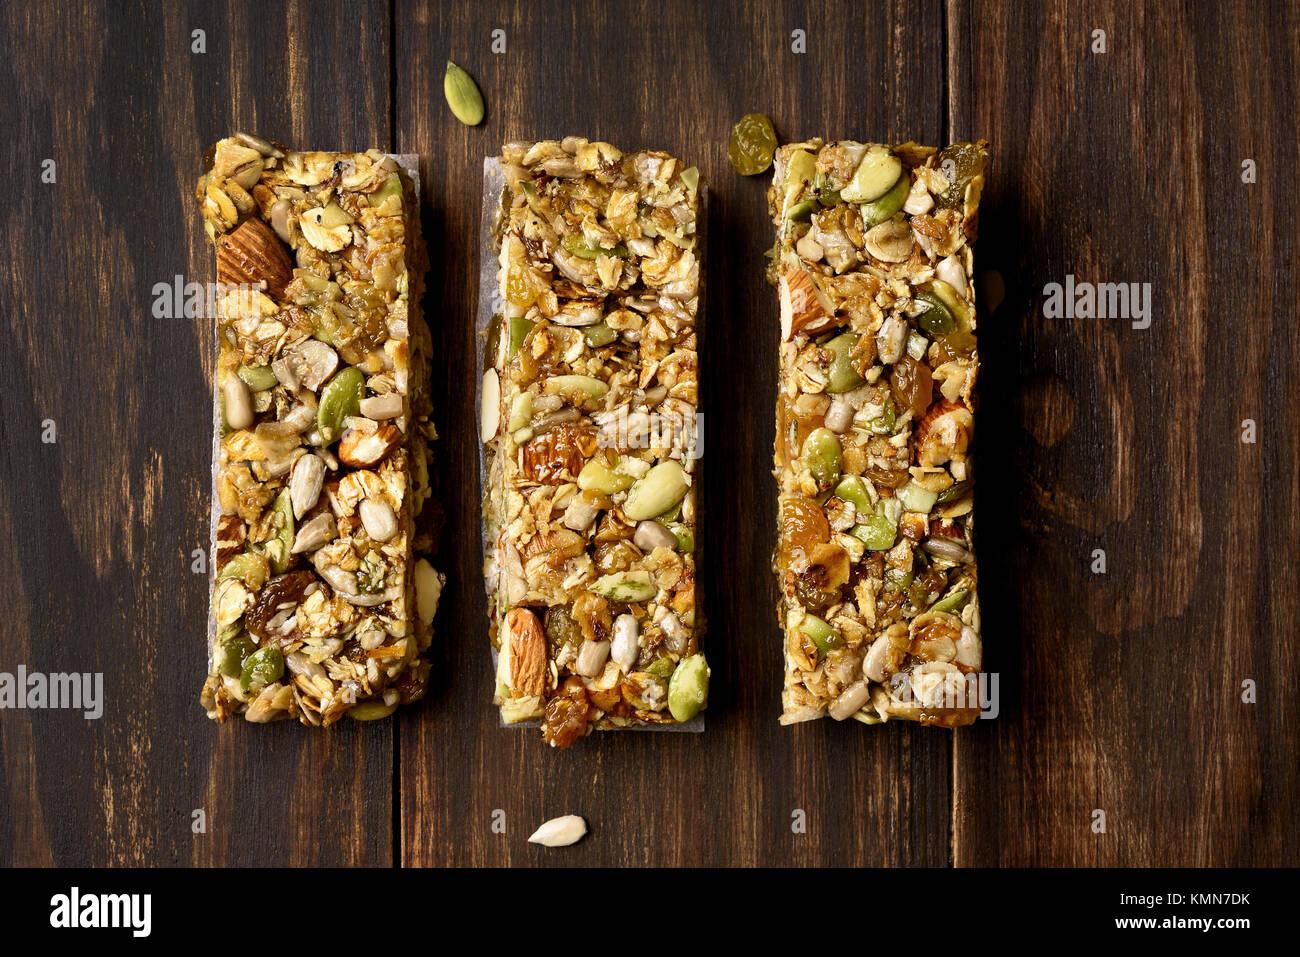 Cereali granola bar. Snack di energia su sfondo di legno. Vista superiore piana e cibo laici. Immagini Stock